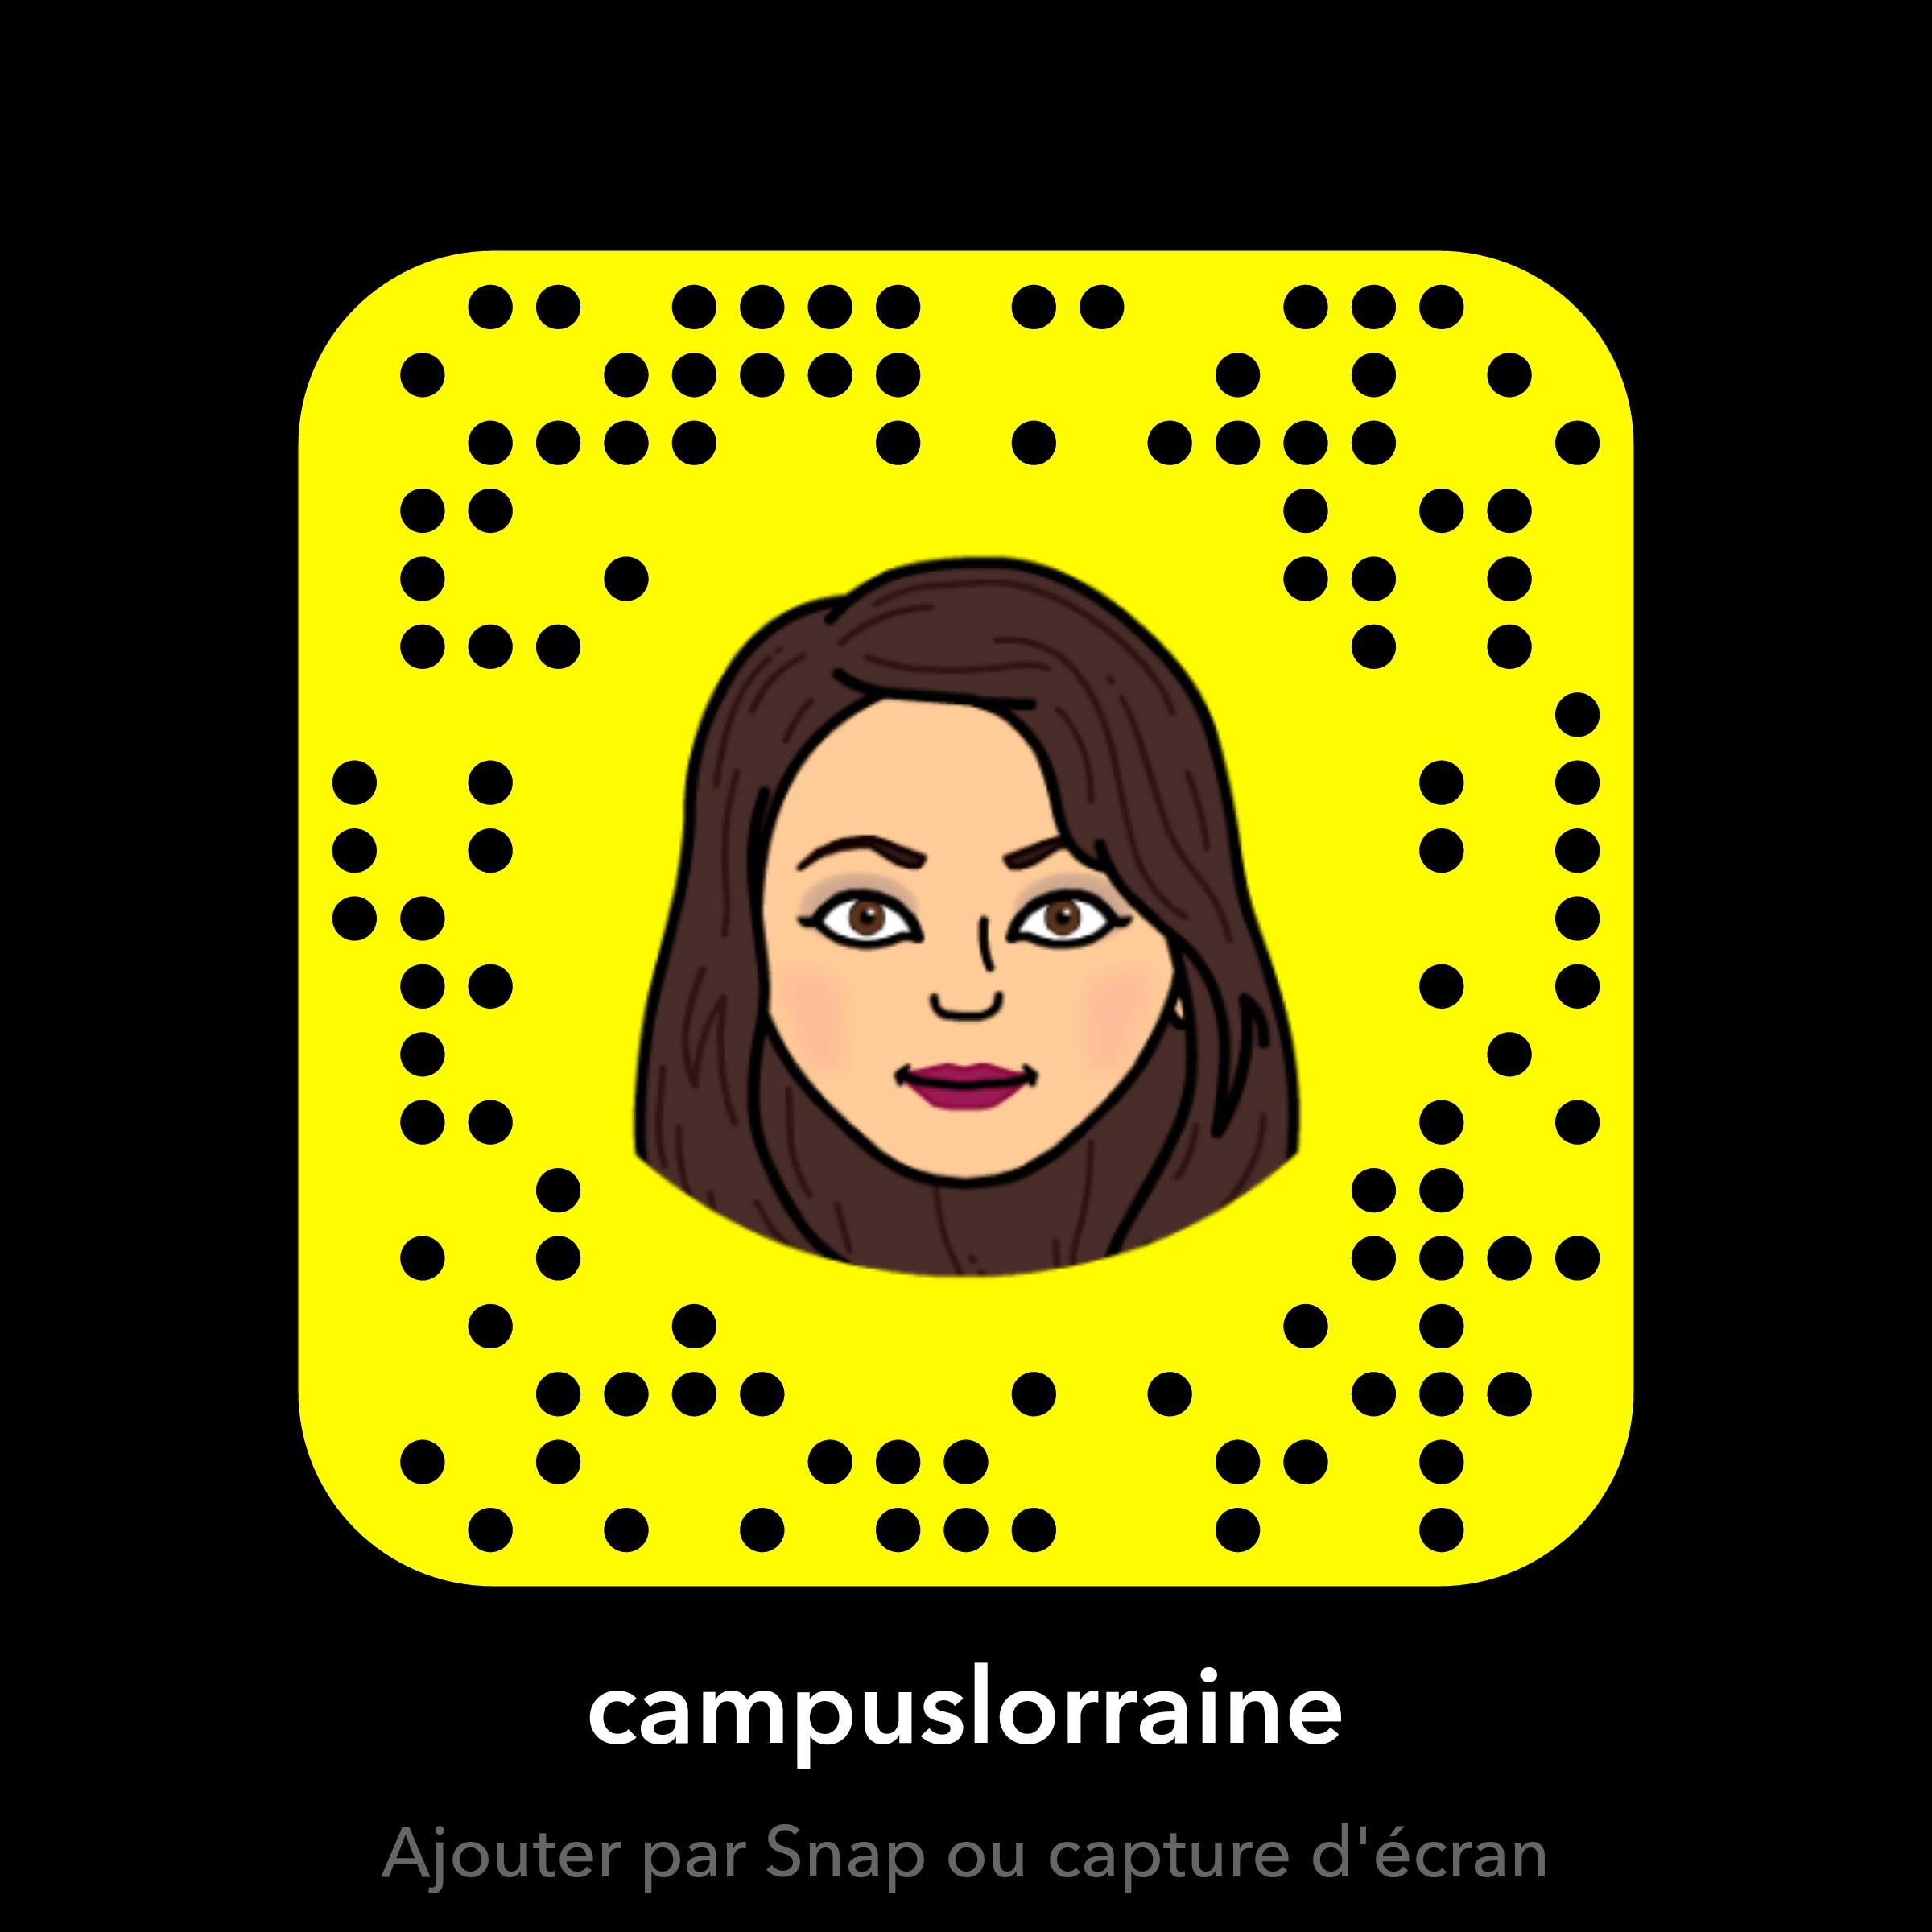 snapchat-248021047